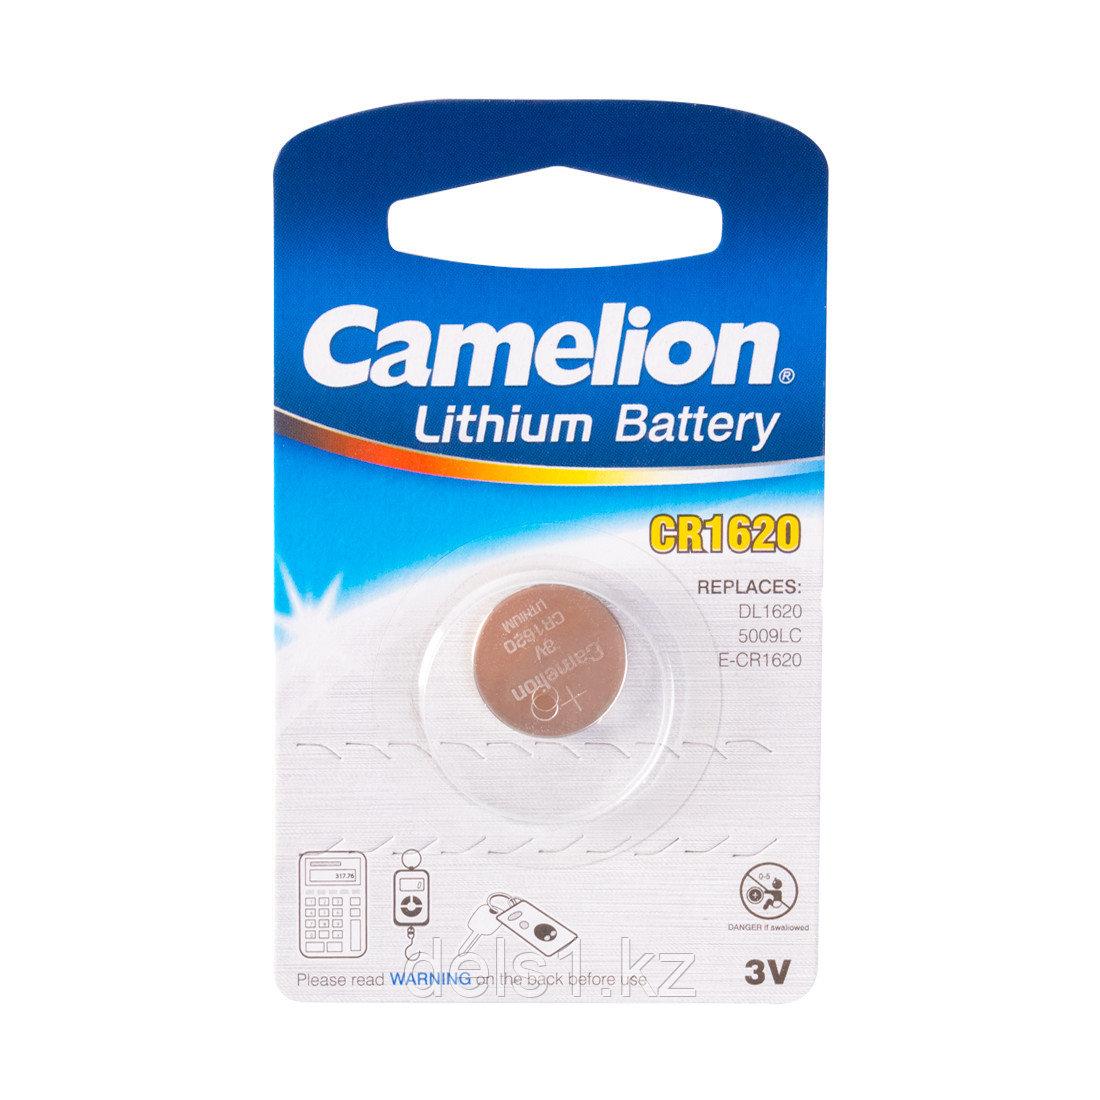 Батарейка, CAMELION, CR1620-BP1, Lithium Battery, CR1620, 3V, 220 mAh, 1 шт.